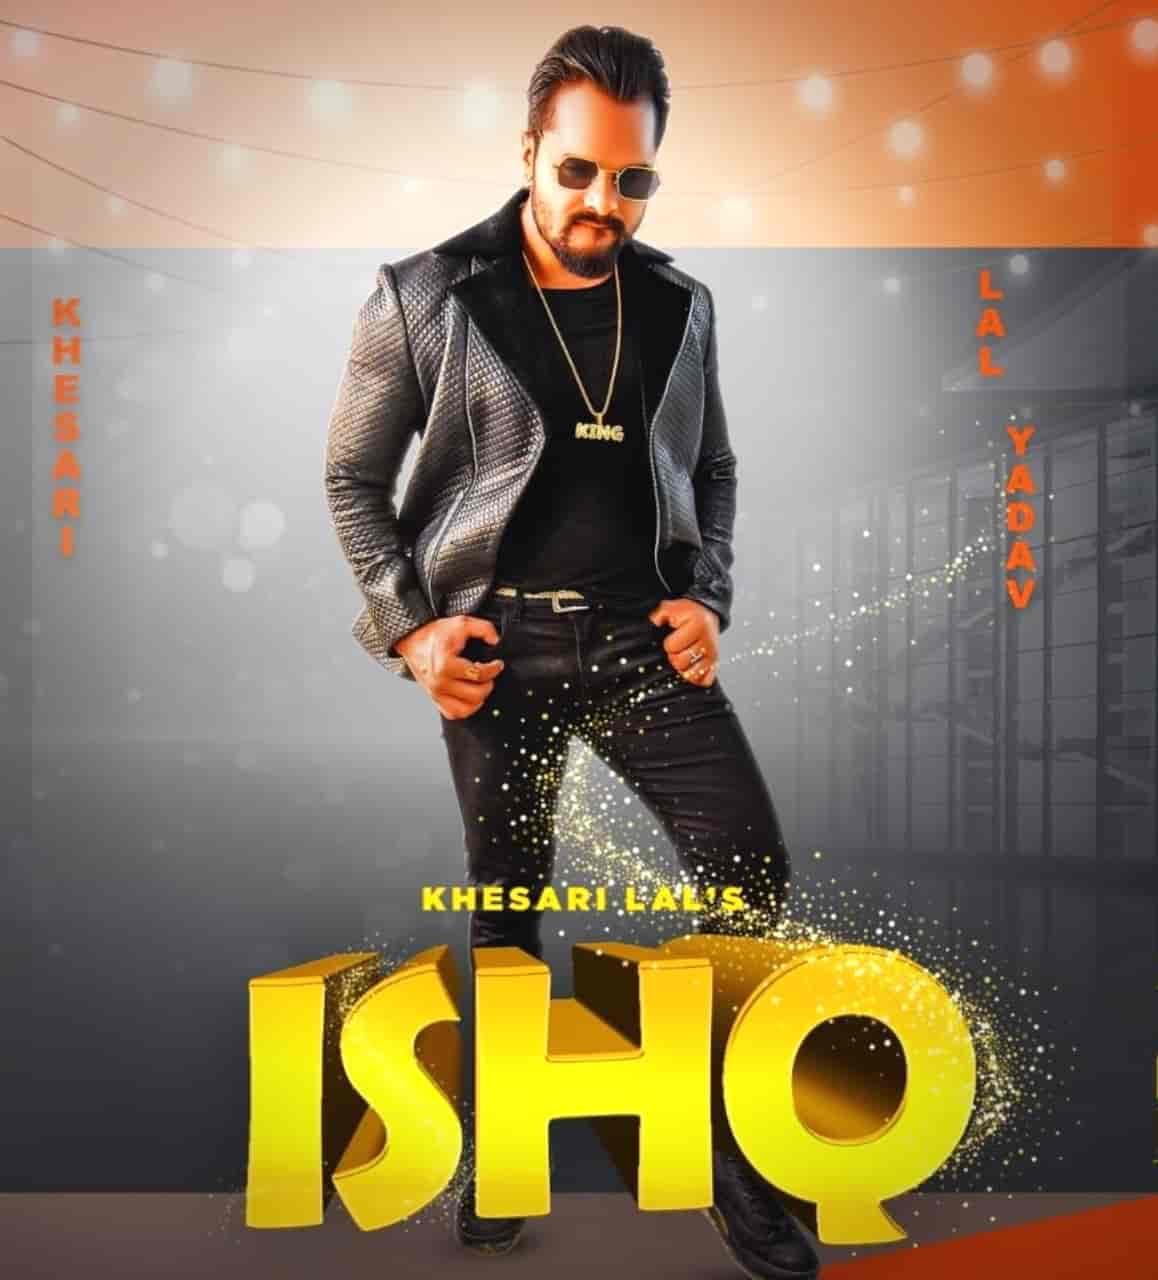 Ishq Hindi Song Image Features Khesari Lal Yadav and Knishka Negi